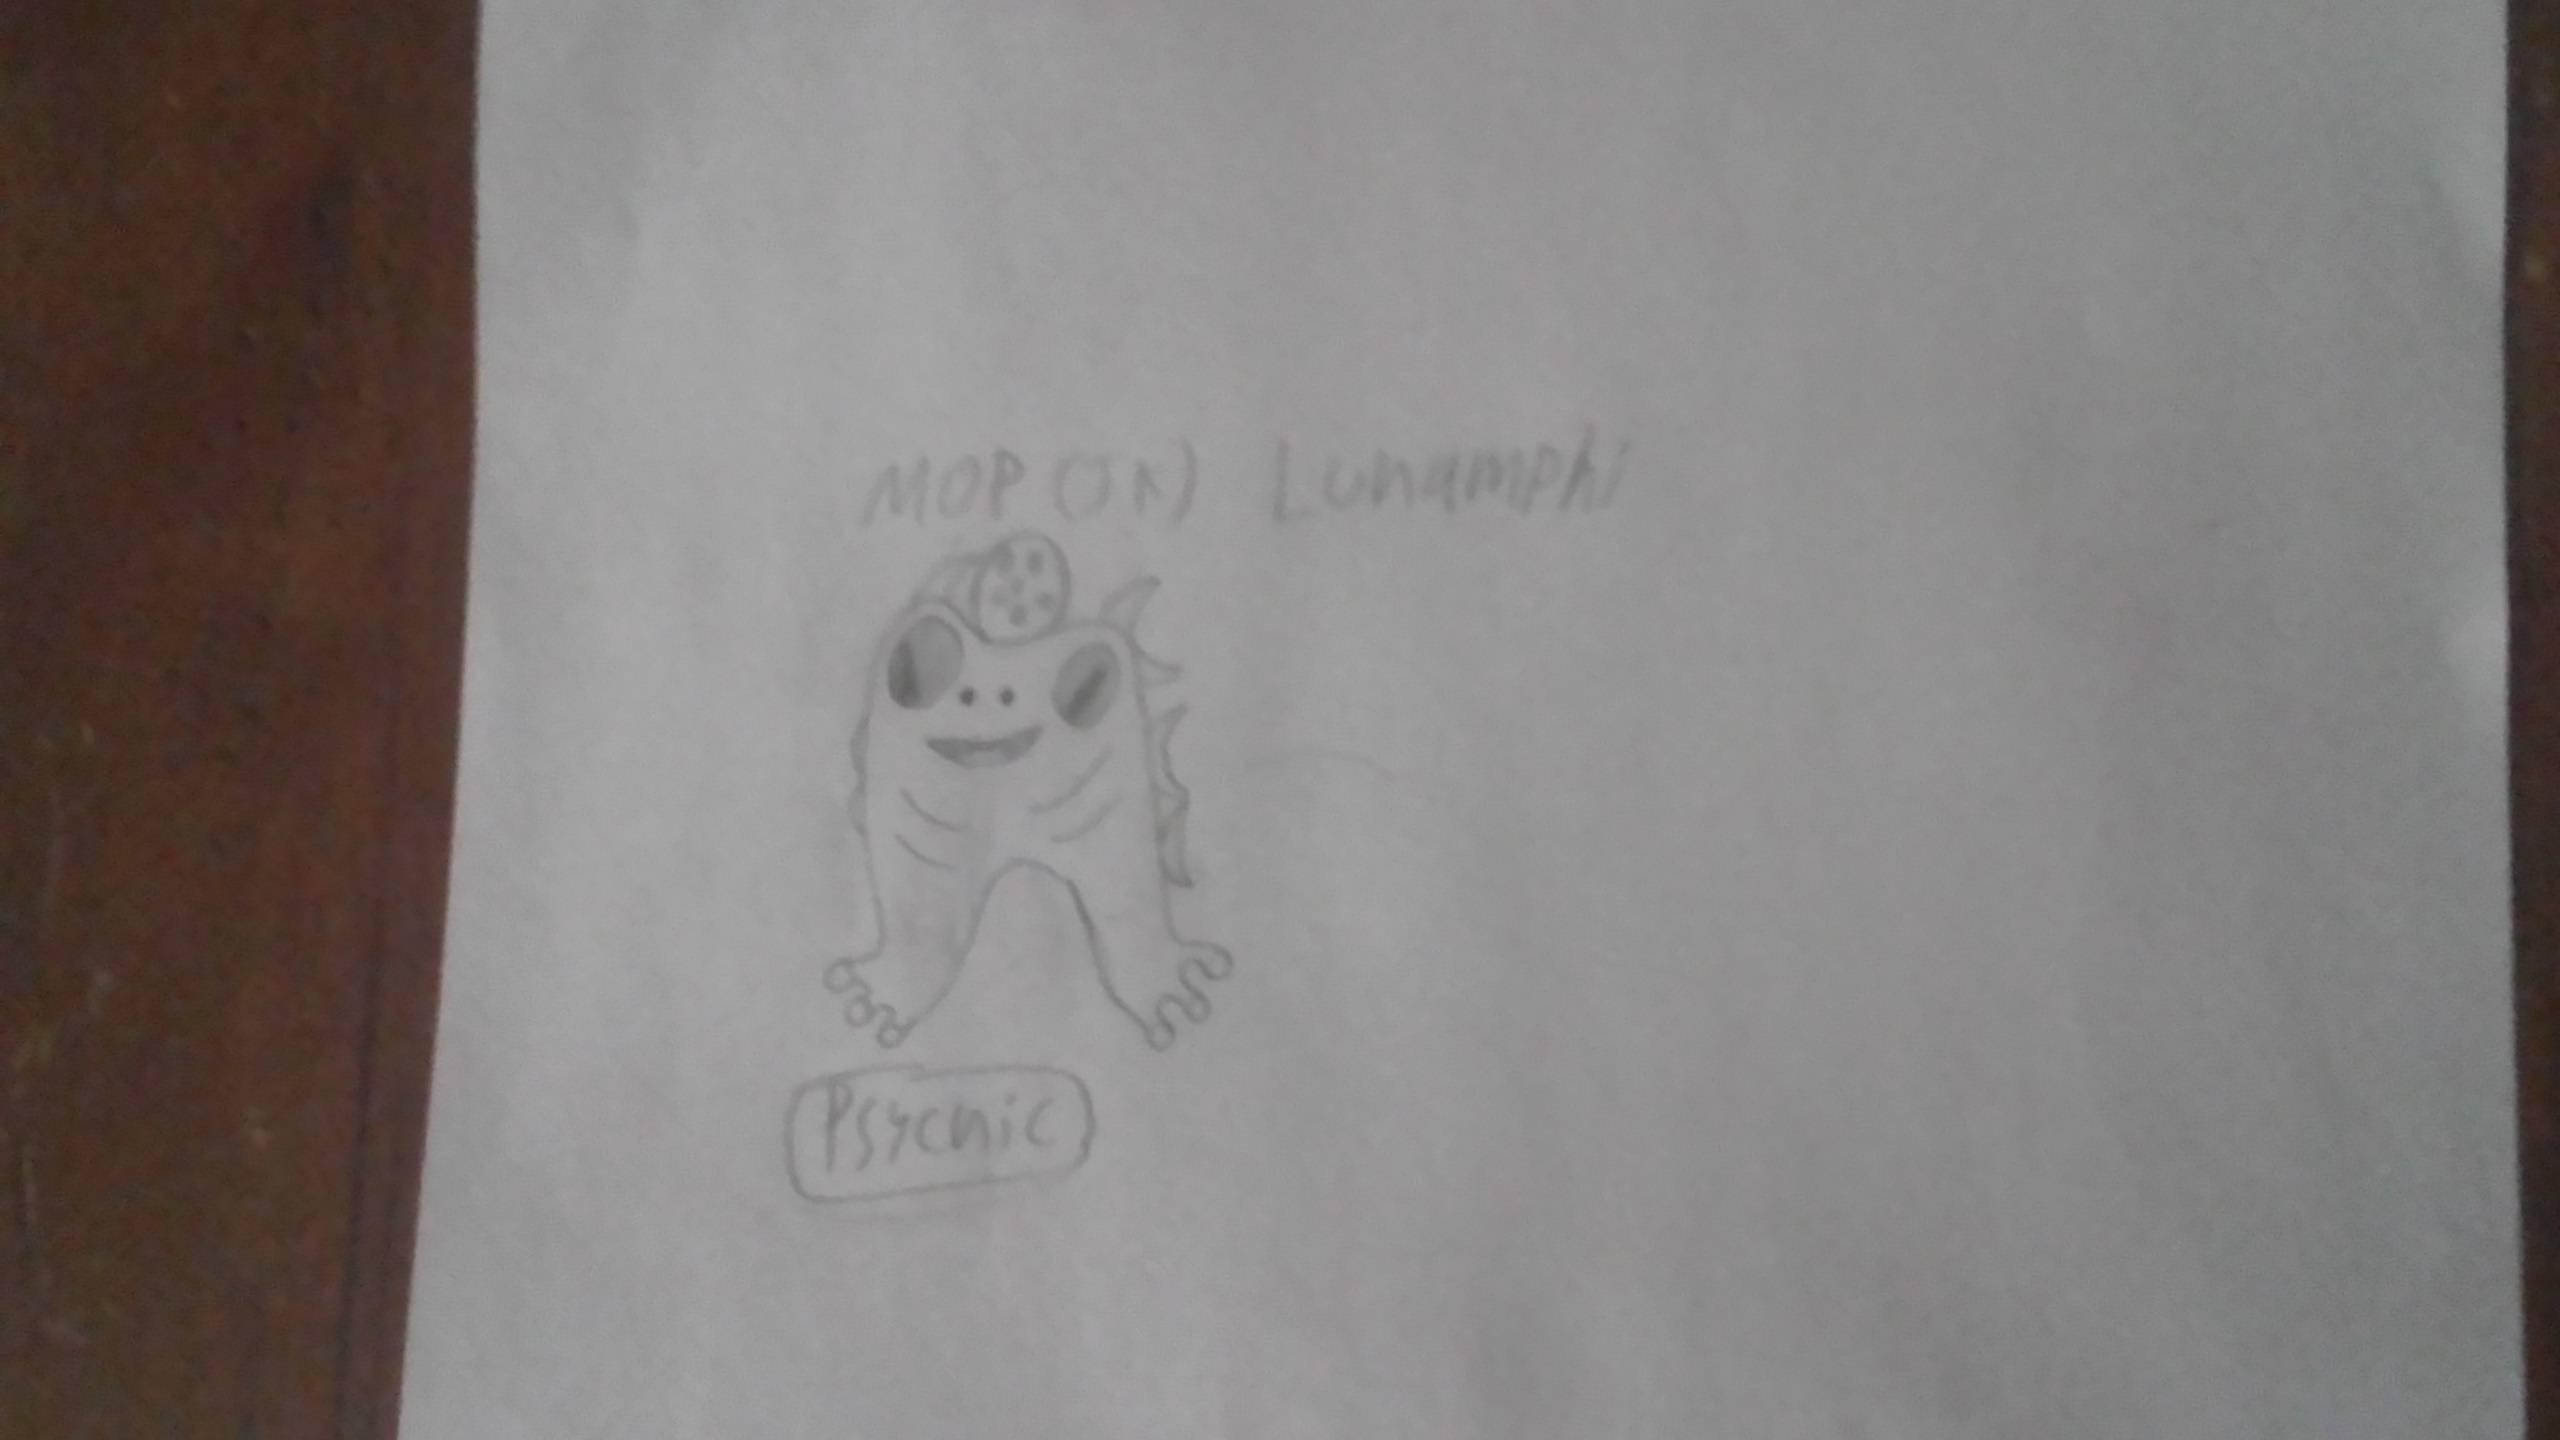 Moon + Hop = Mop (Lunamphi)